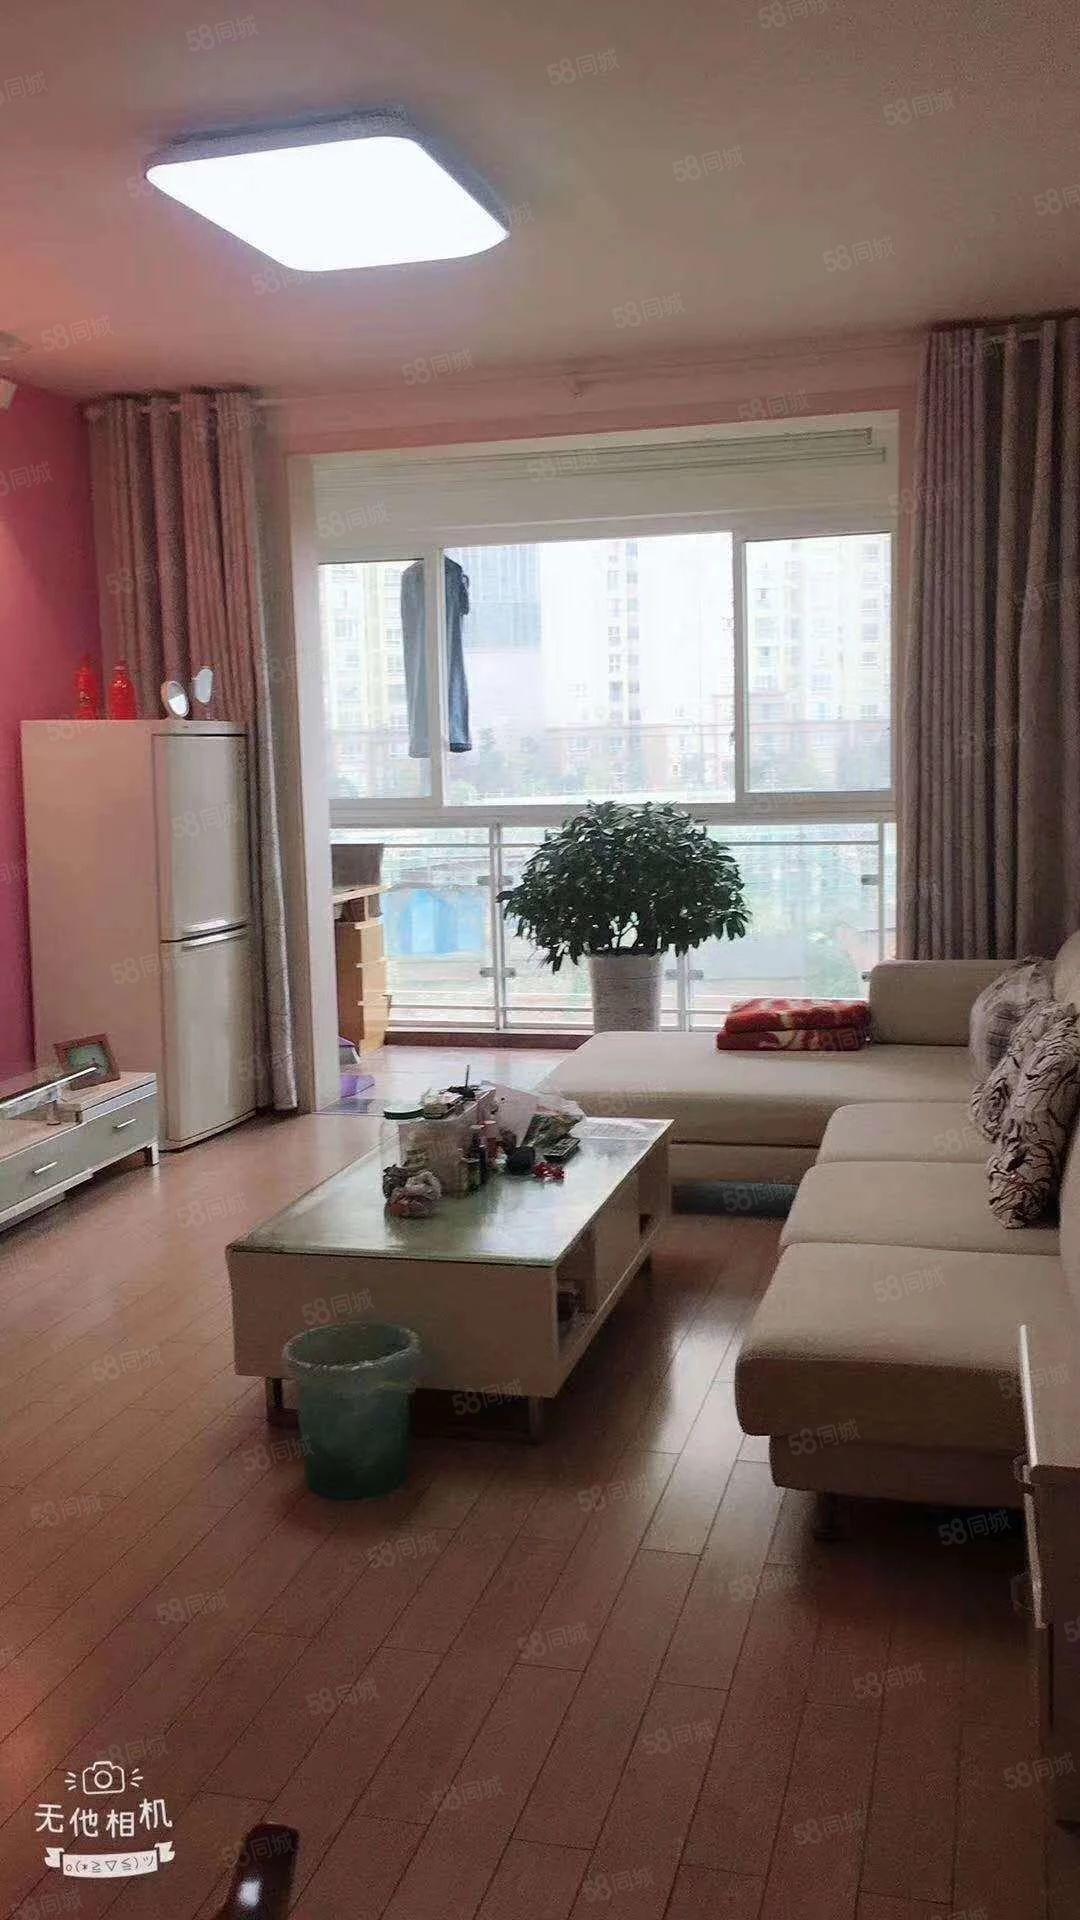 低于市场价五万邦泰社区精装两室拎包入住